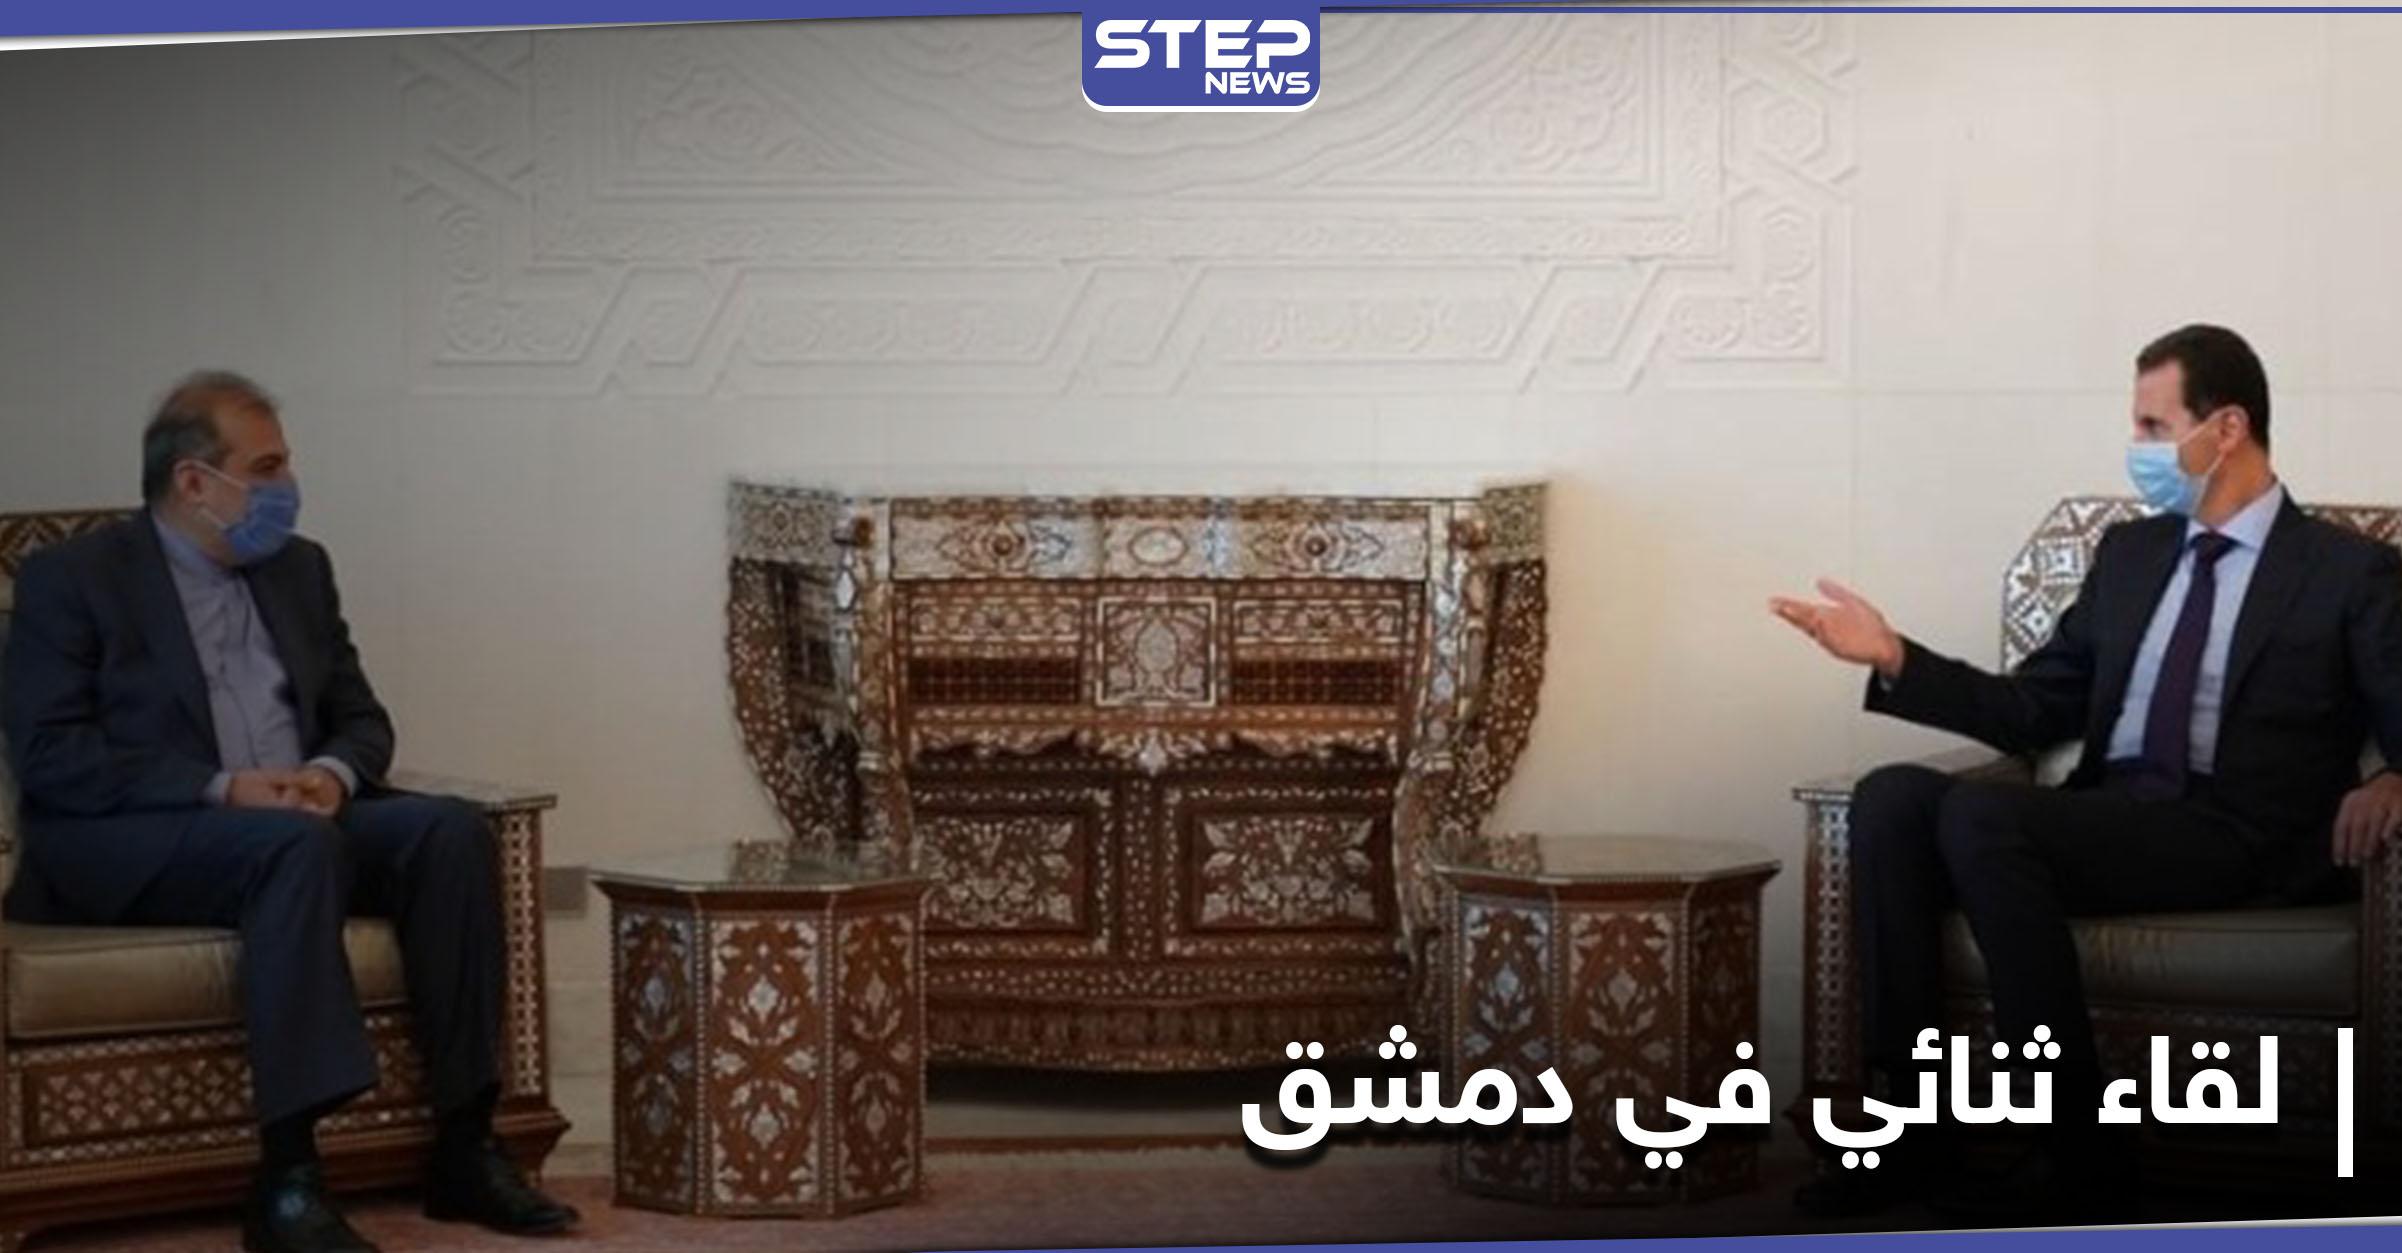 لقاء ثنائي بين رئيس النظام السوري وكبير مساعدي وزير الخارجية الإيراني